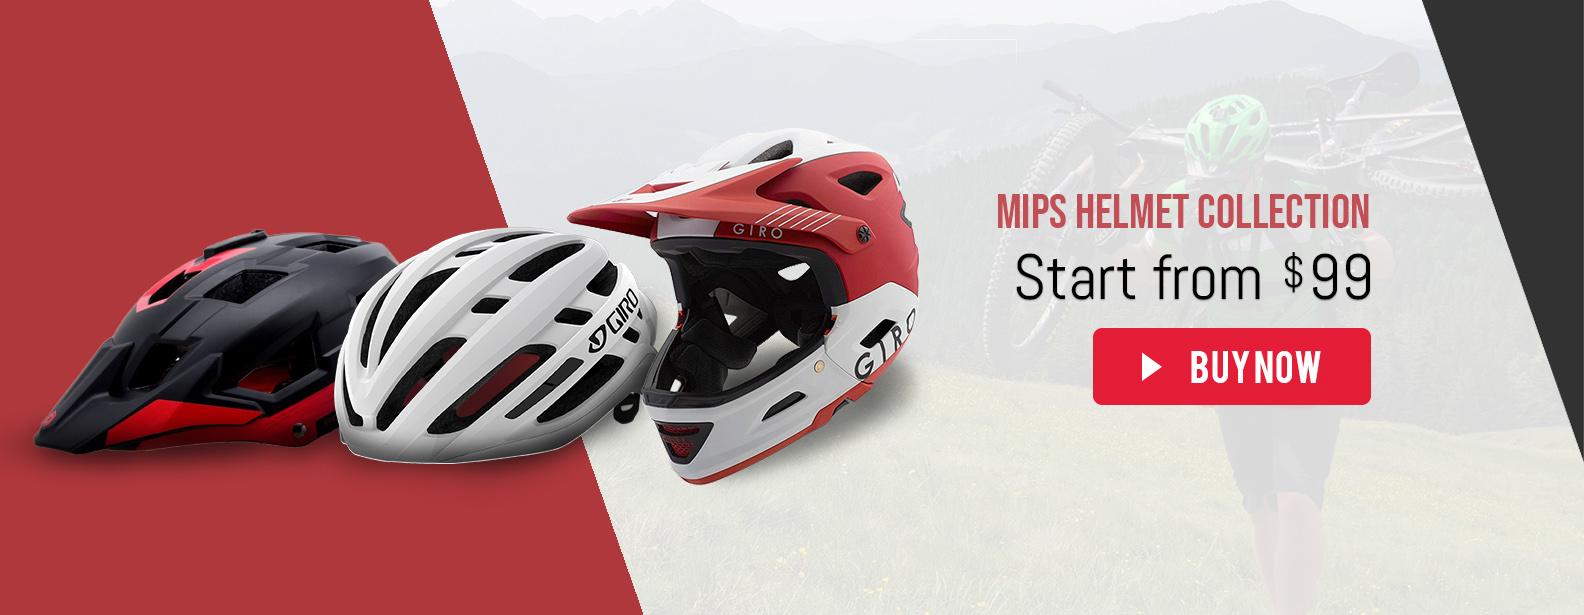 Mips Helmet Collection